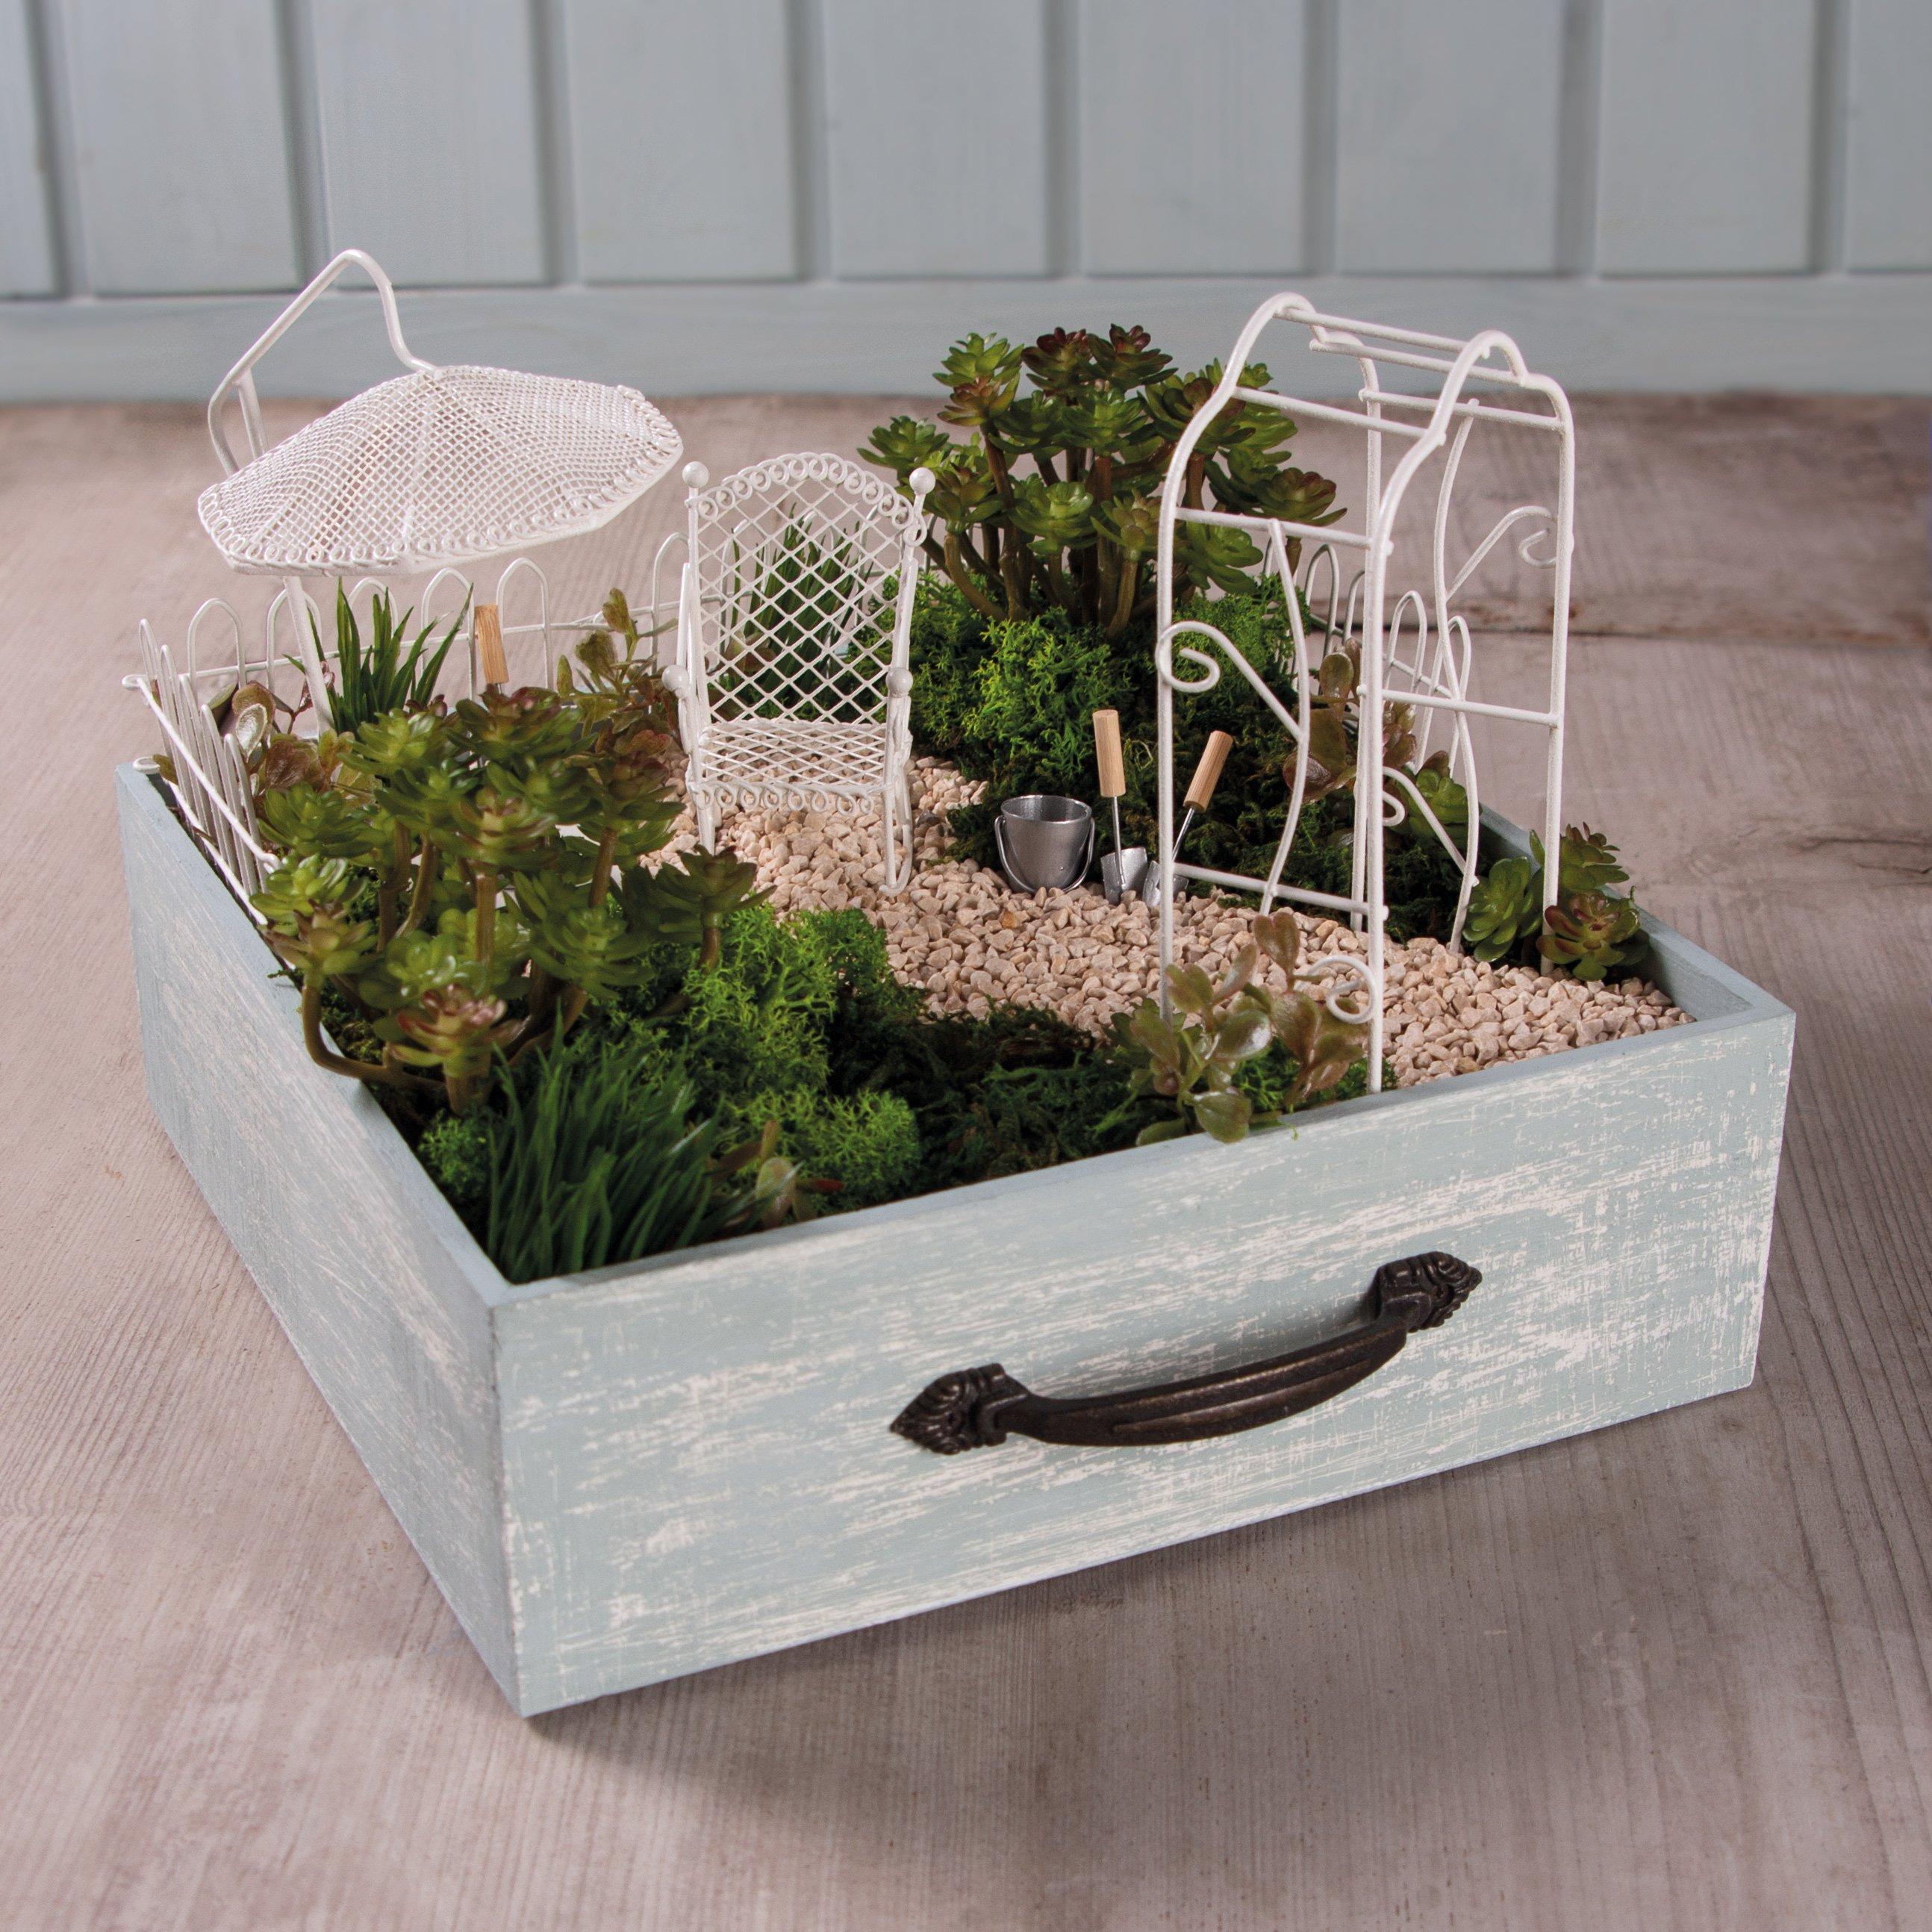 holzschublade mit minigarten – bastelidee – rayher